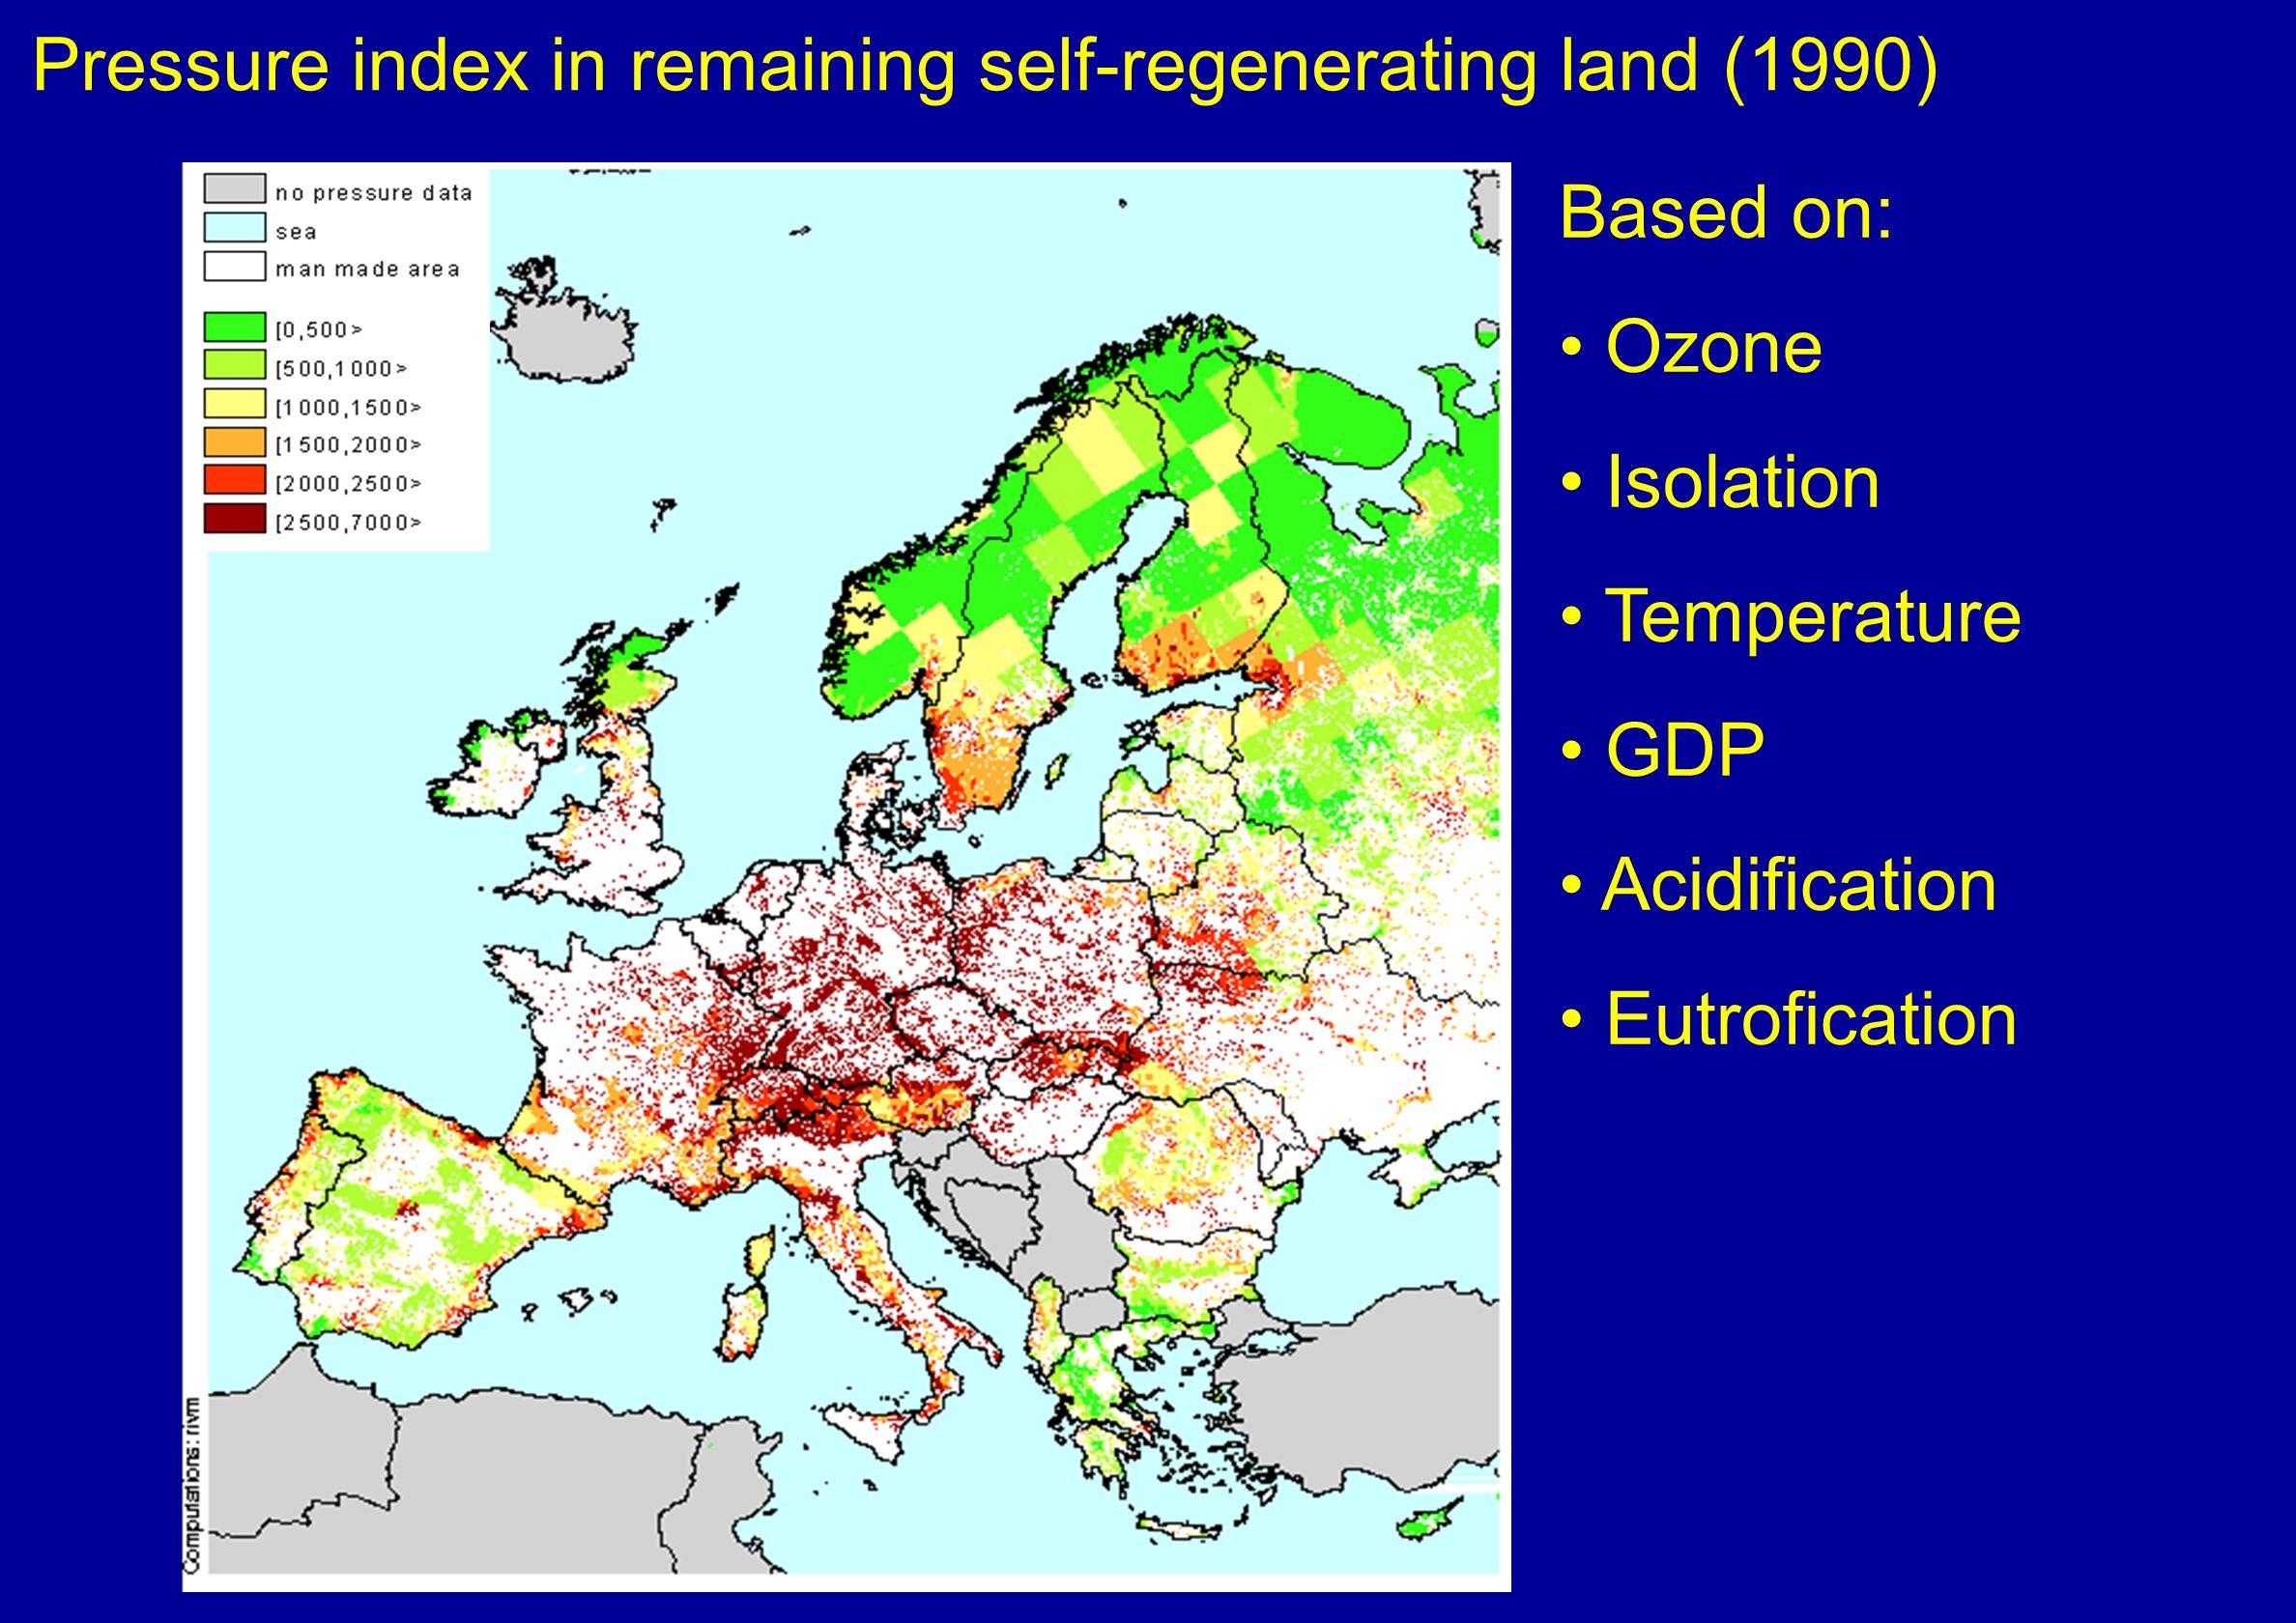 Pressure index in remaining self-regenerating land (1990)